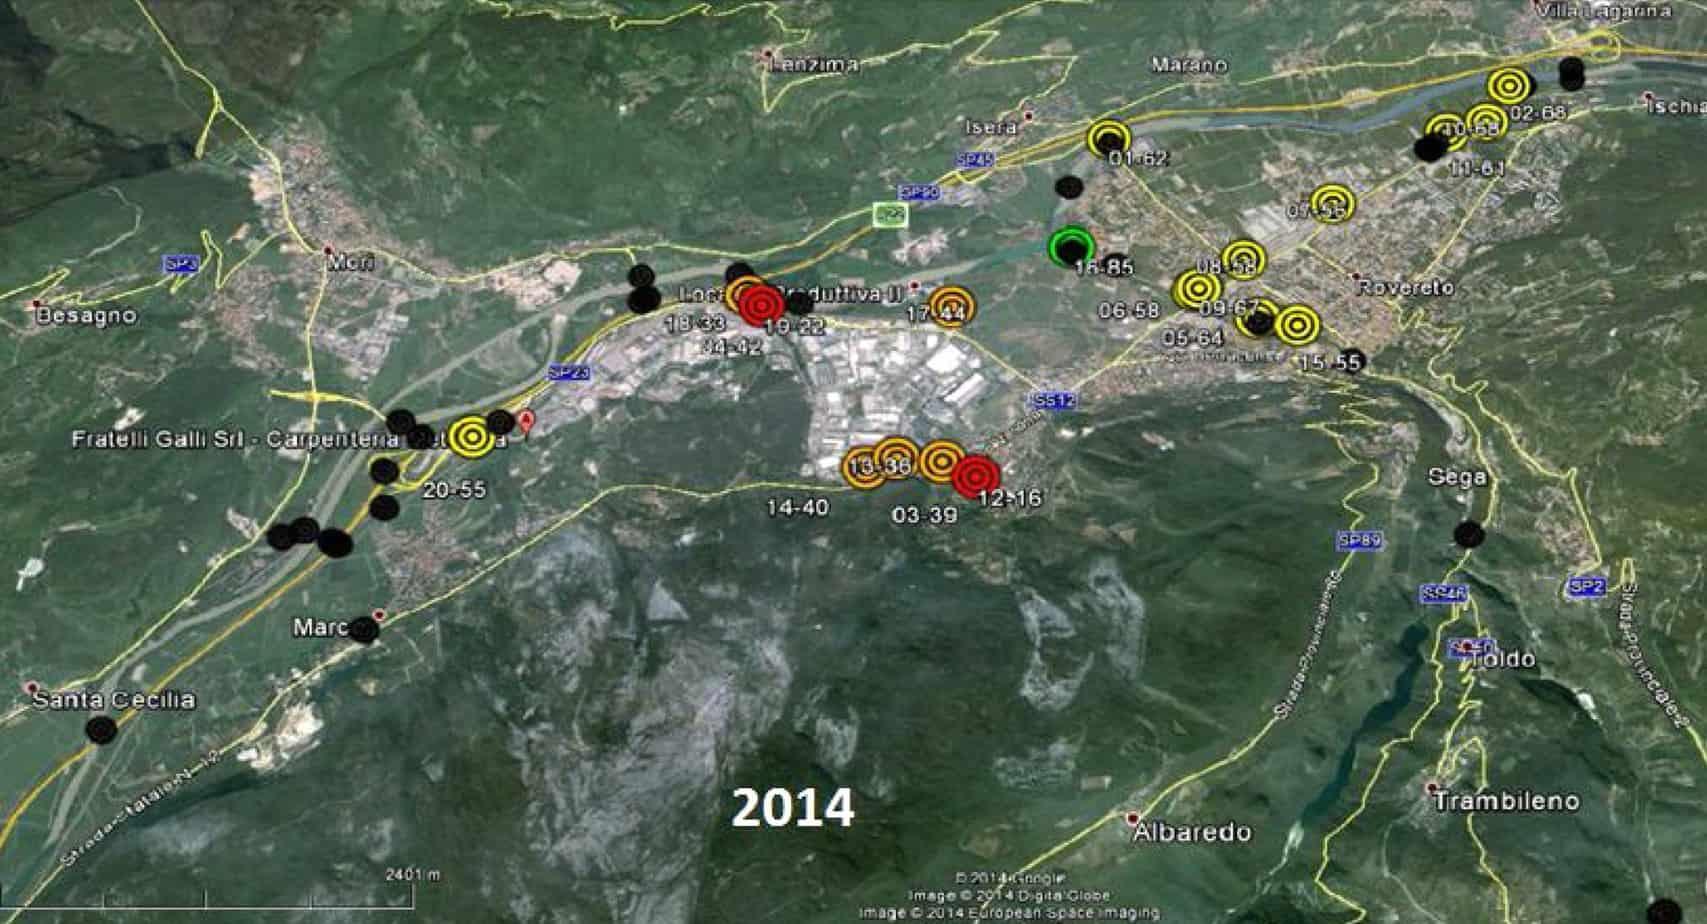 Lo scenario di deterioramento attuale per un gruppo di manufatti situati nel comune di Rovereto